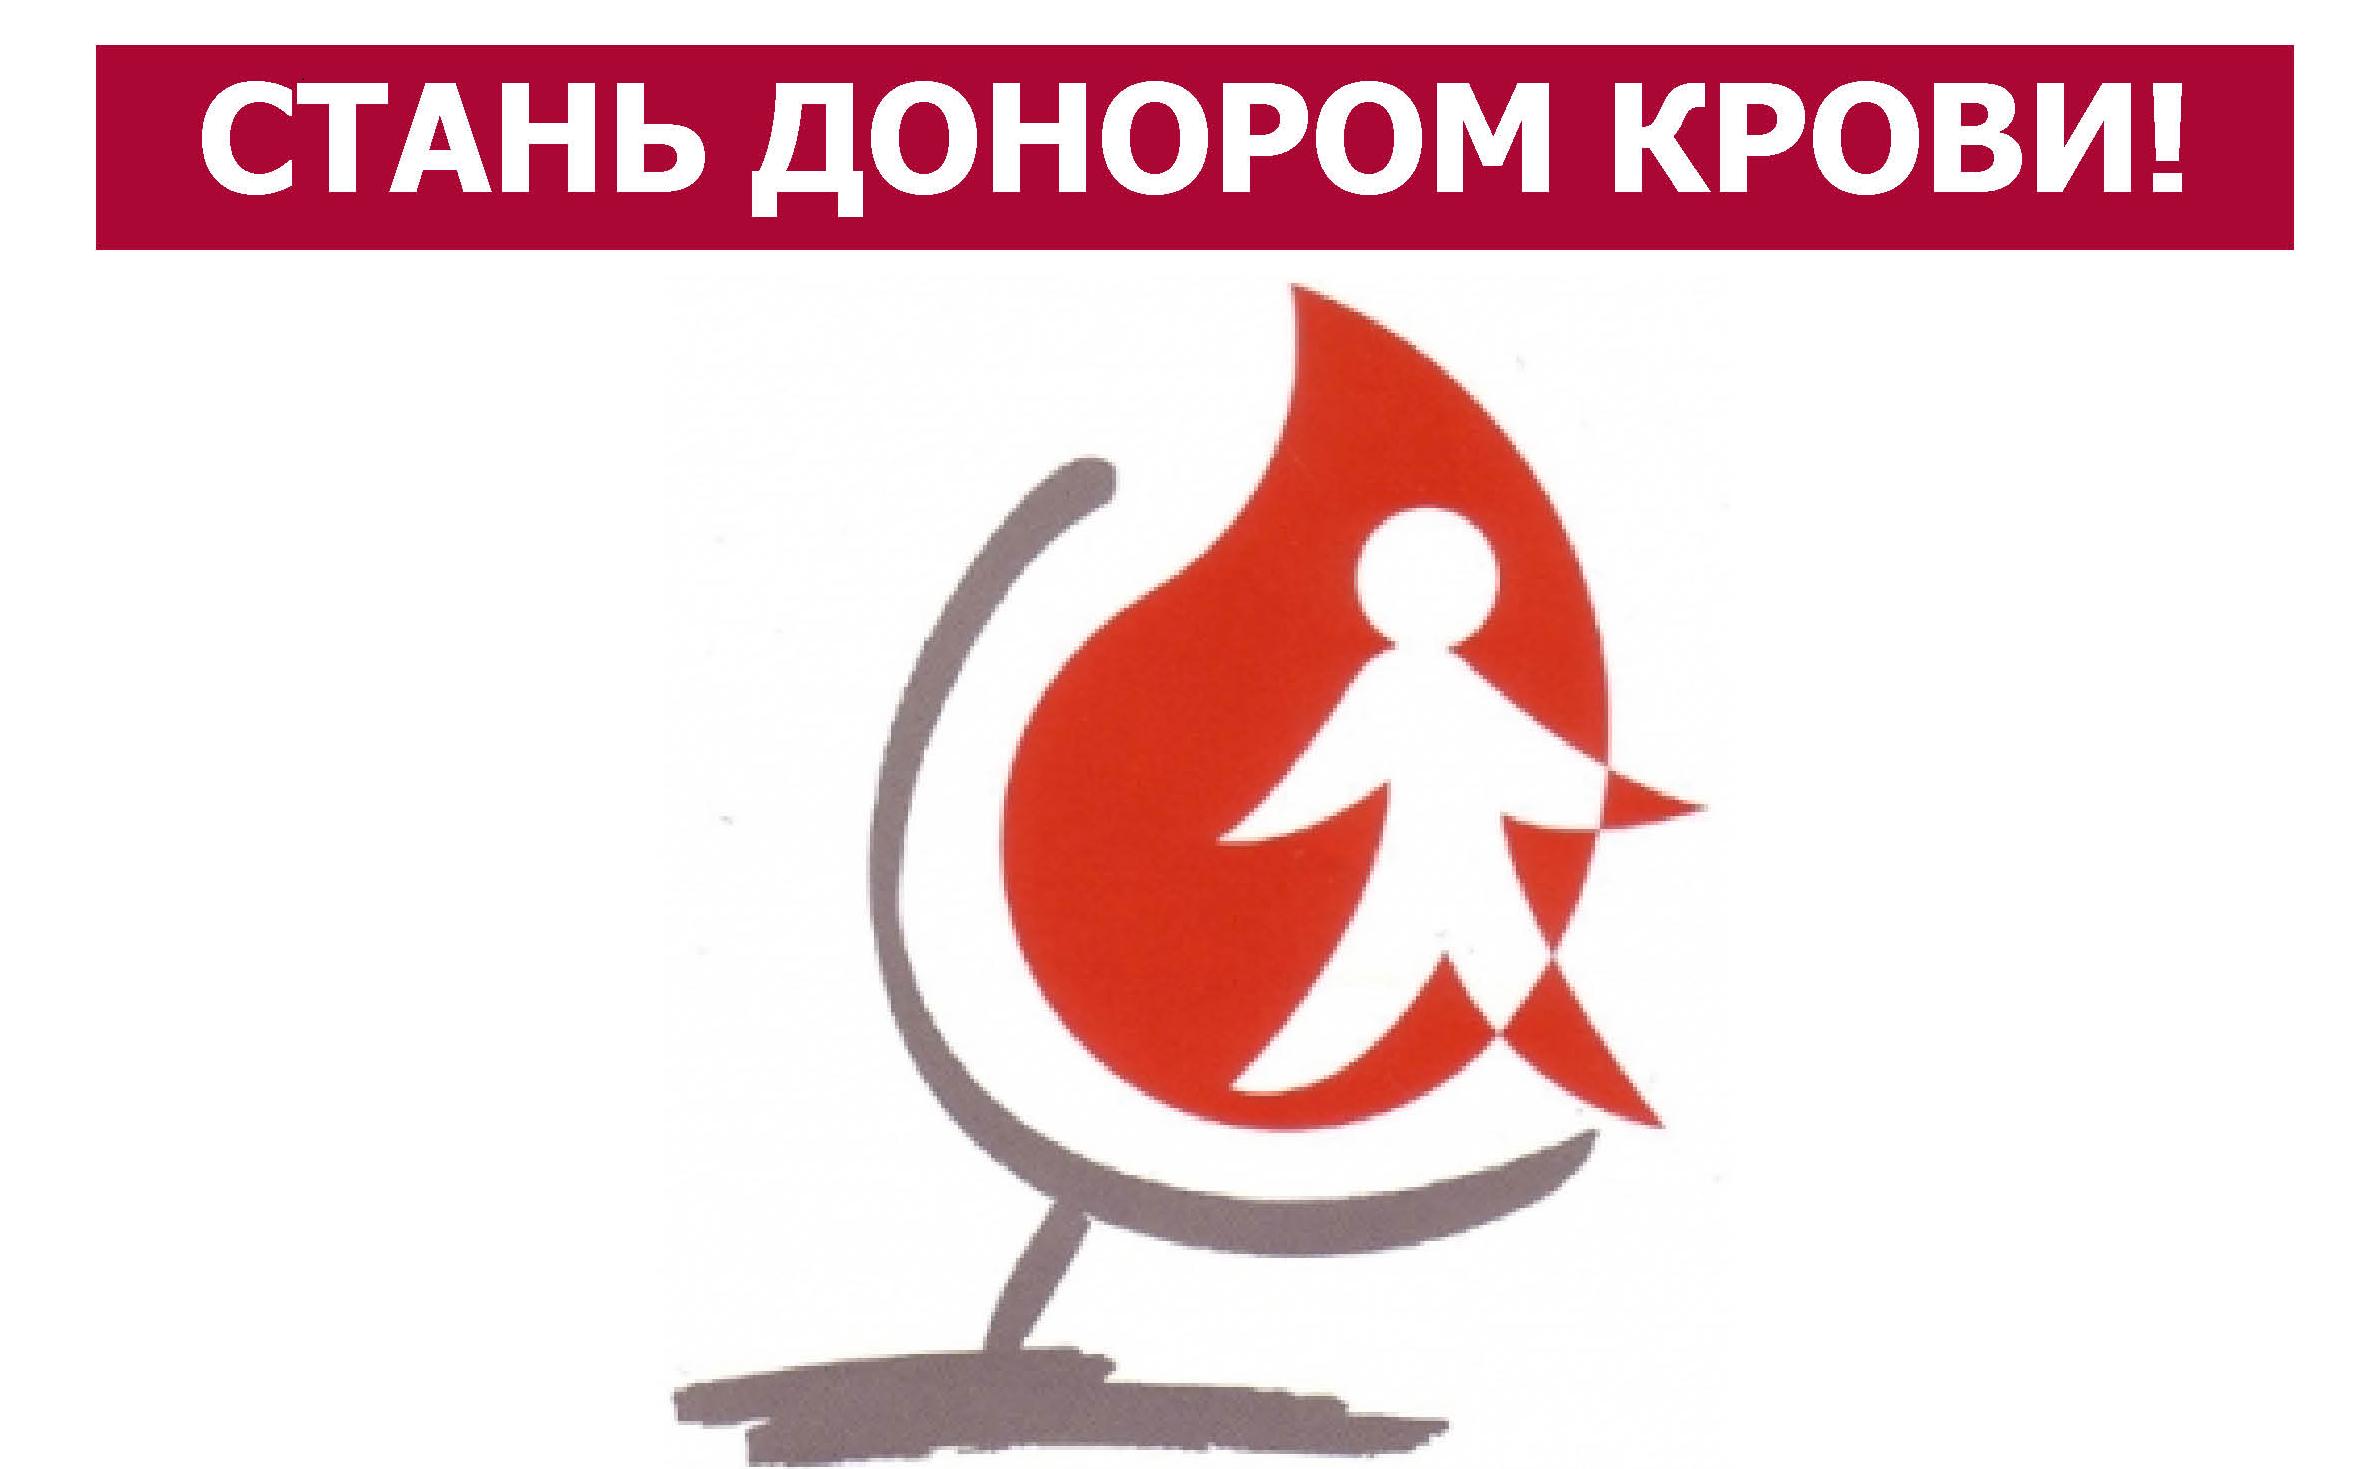 27.06.2017. Стань донором крови!